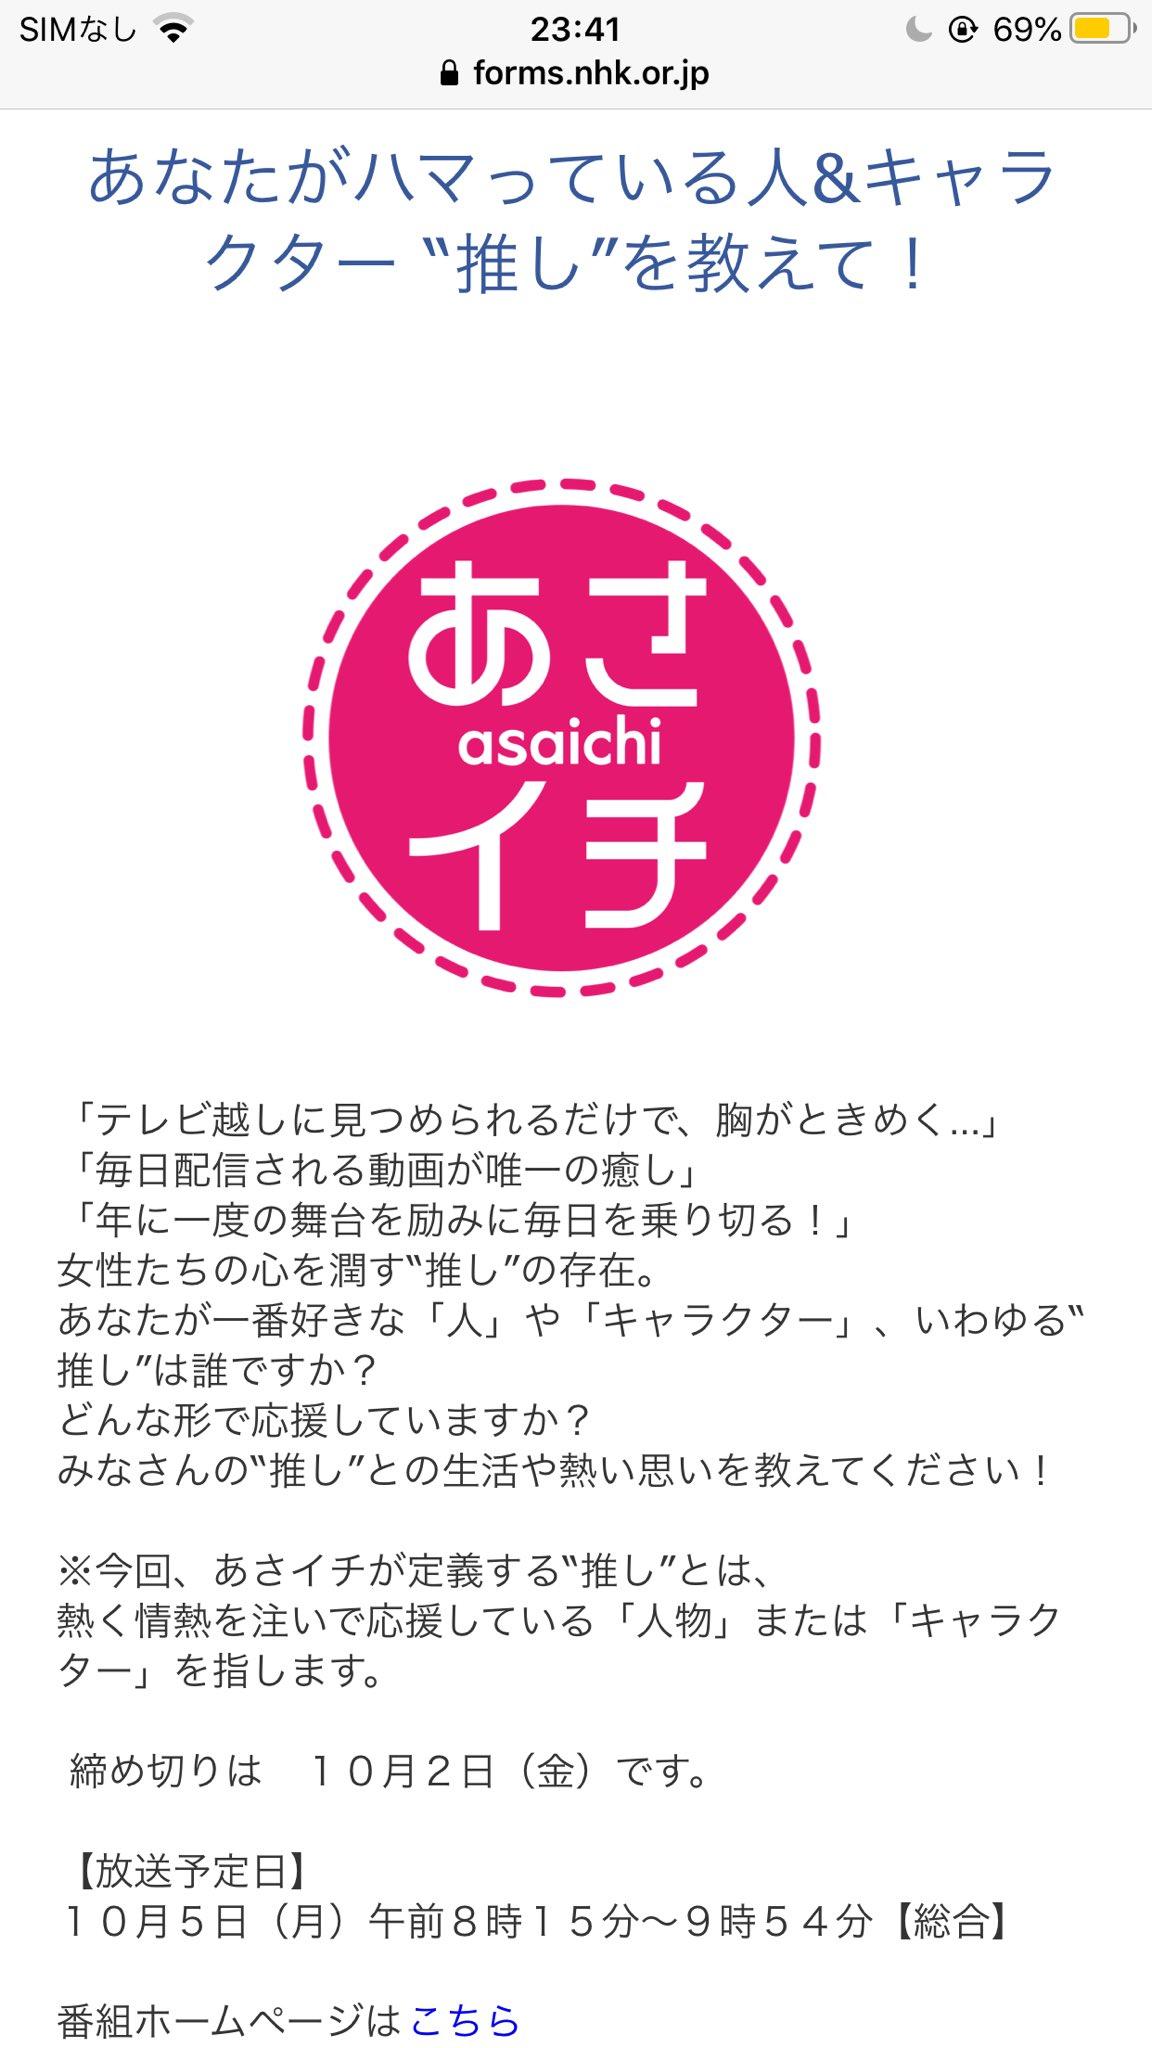 イチ ホームページ 朝